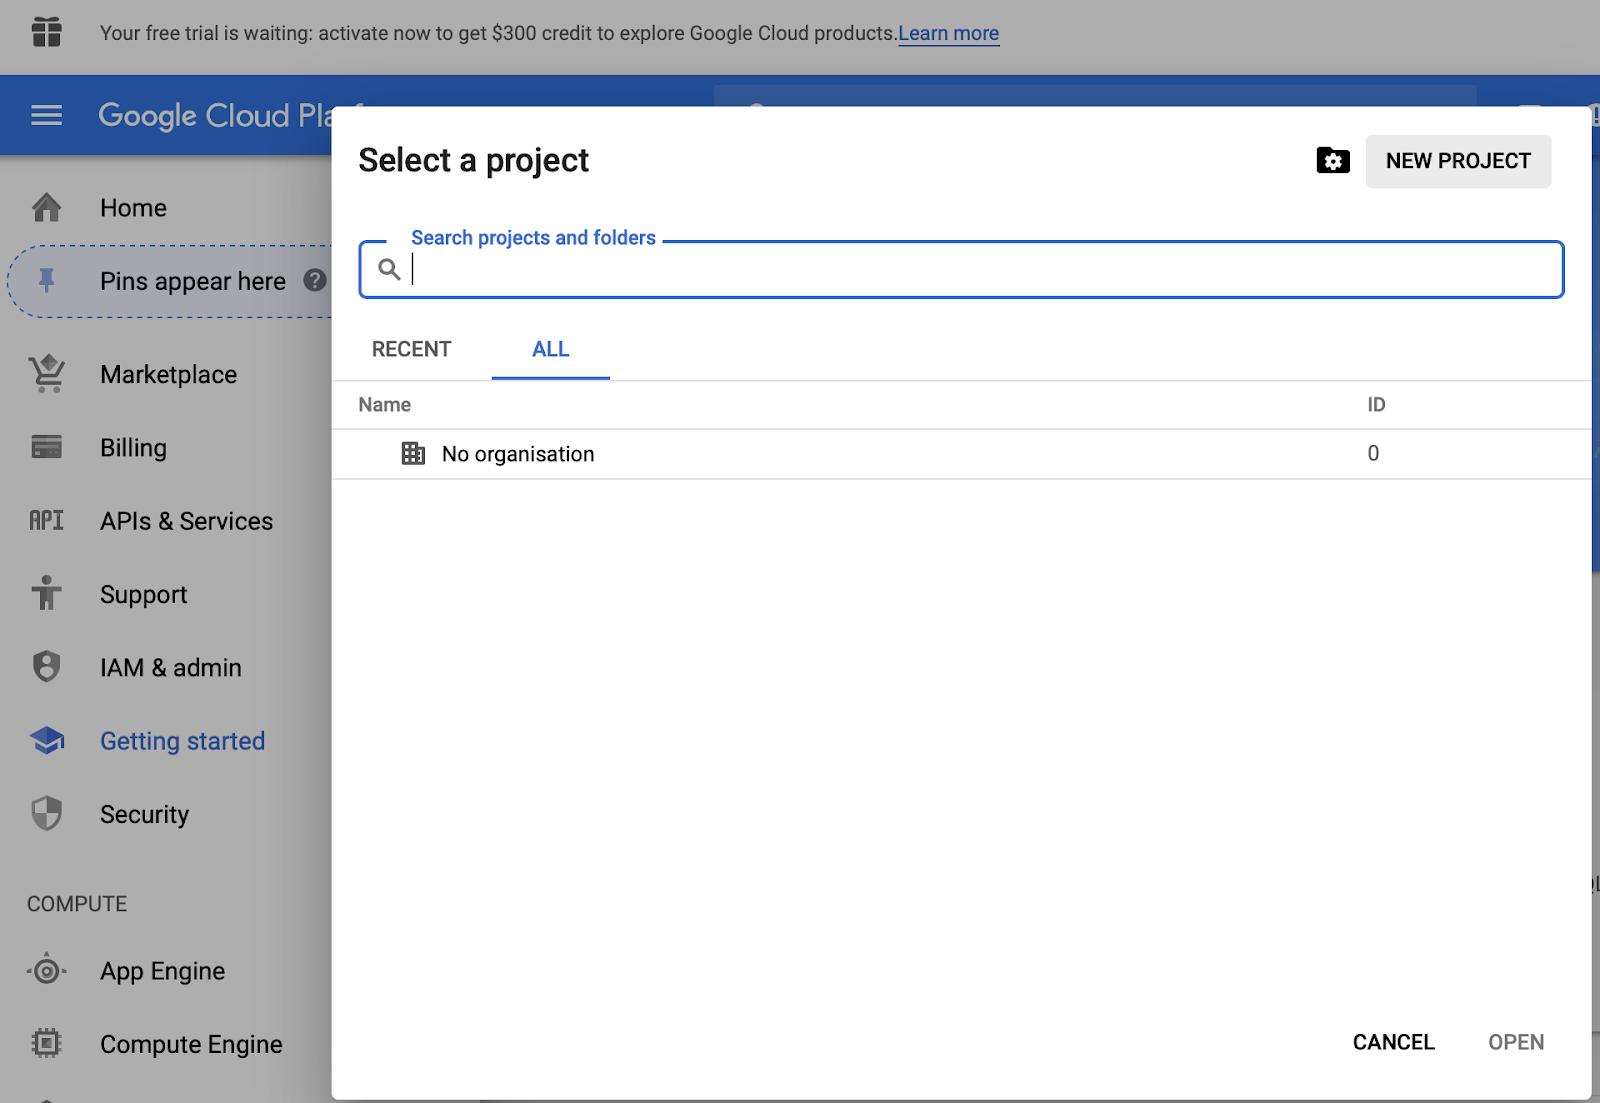 schermata di selezione del progetto all'interno di Google bigquery.